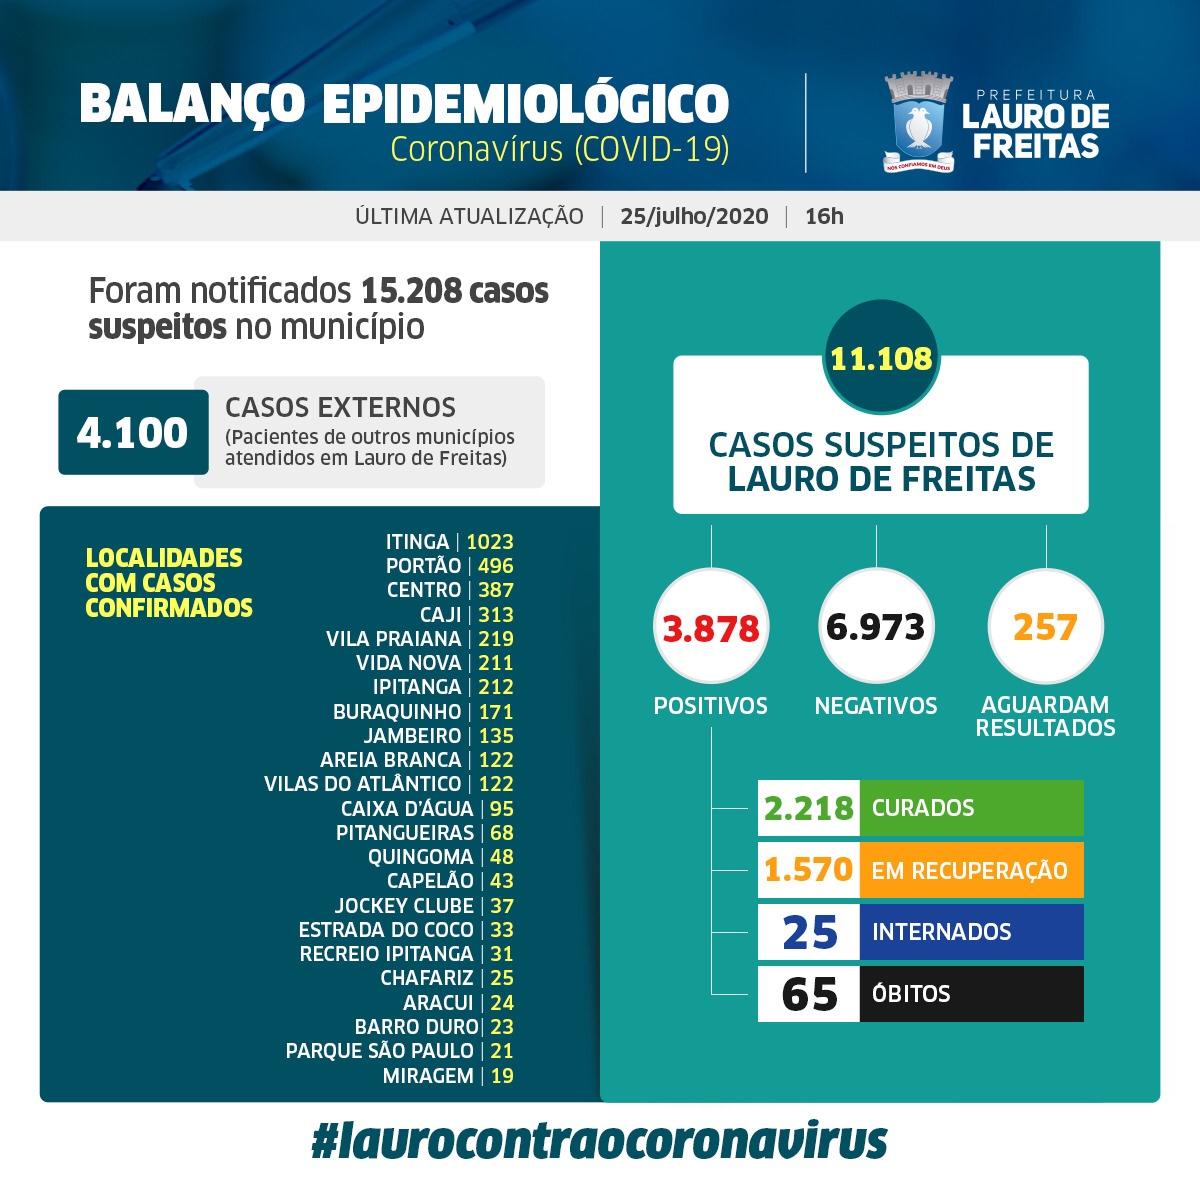 Lauro de Freitas registra 2.218 pessoas curadas pela Covid-19